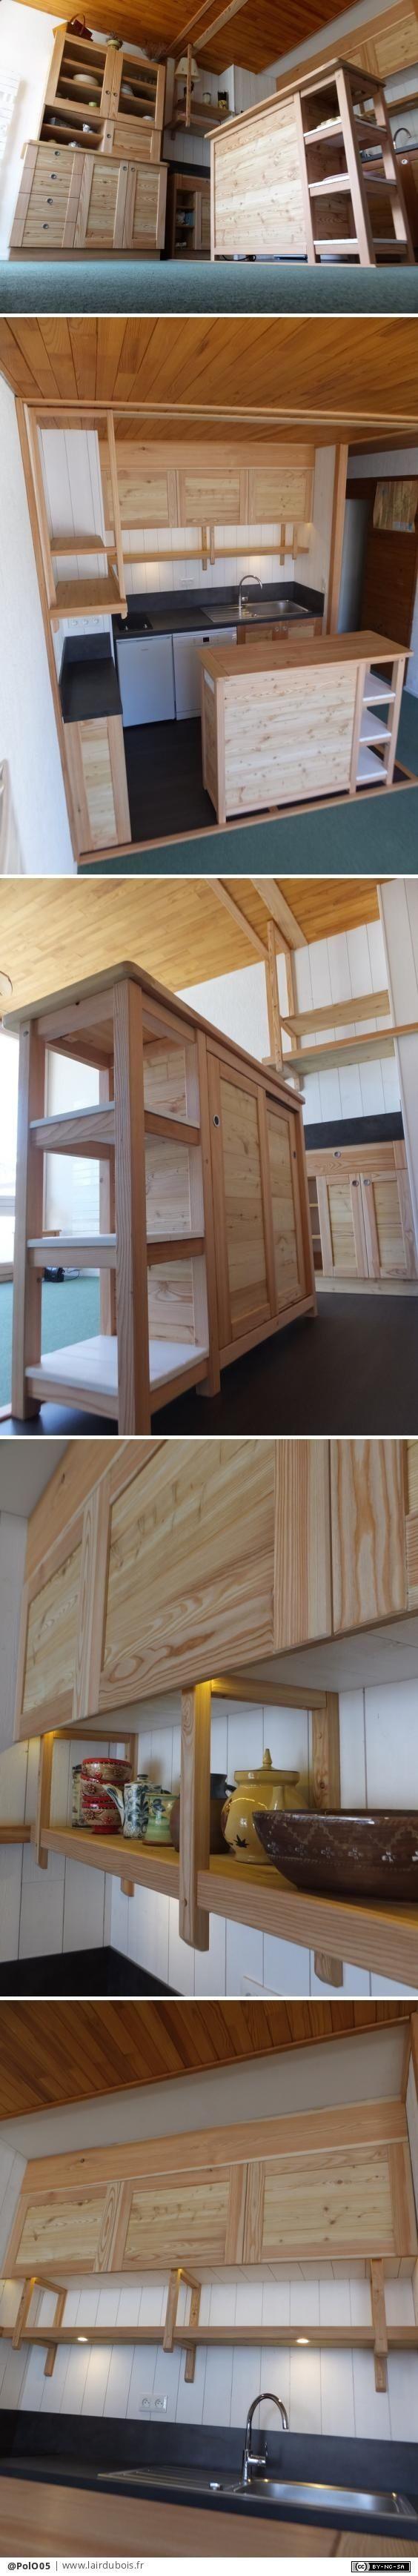 Agencement d 39 un petit coin cuisine par polo05 tiny house living meuble four coin cuisine et - Petit coin cuisine ...